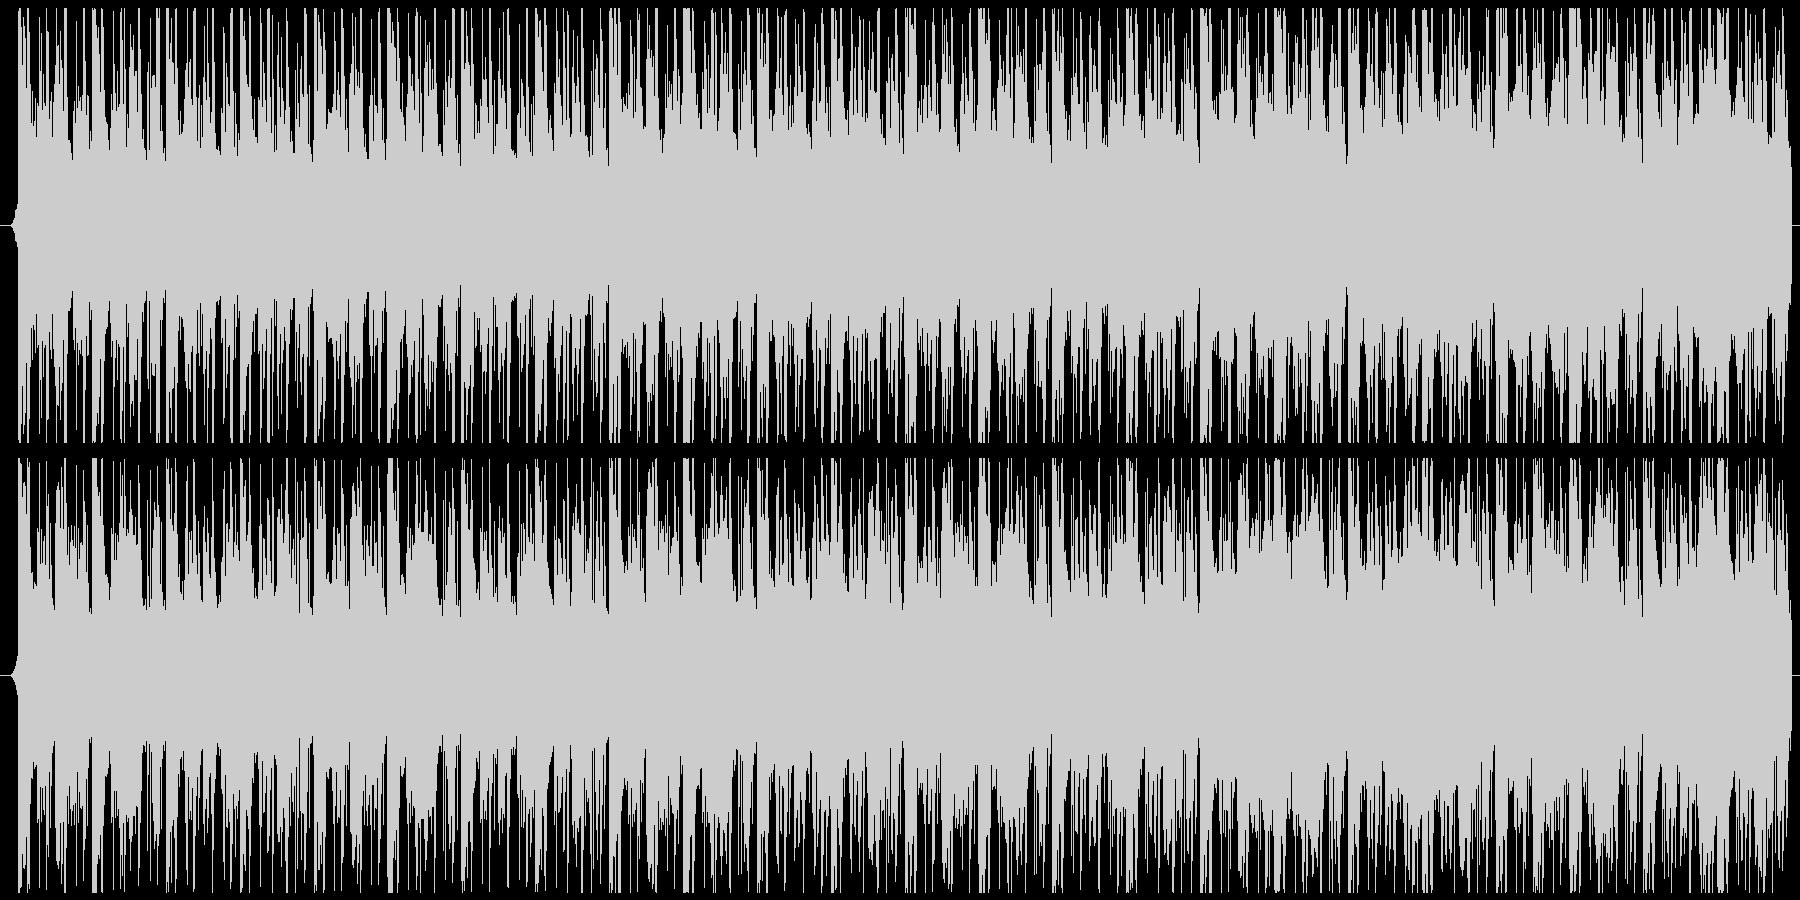 緊張感・疾走感のあるBGMの未再生の波形